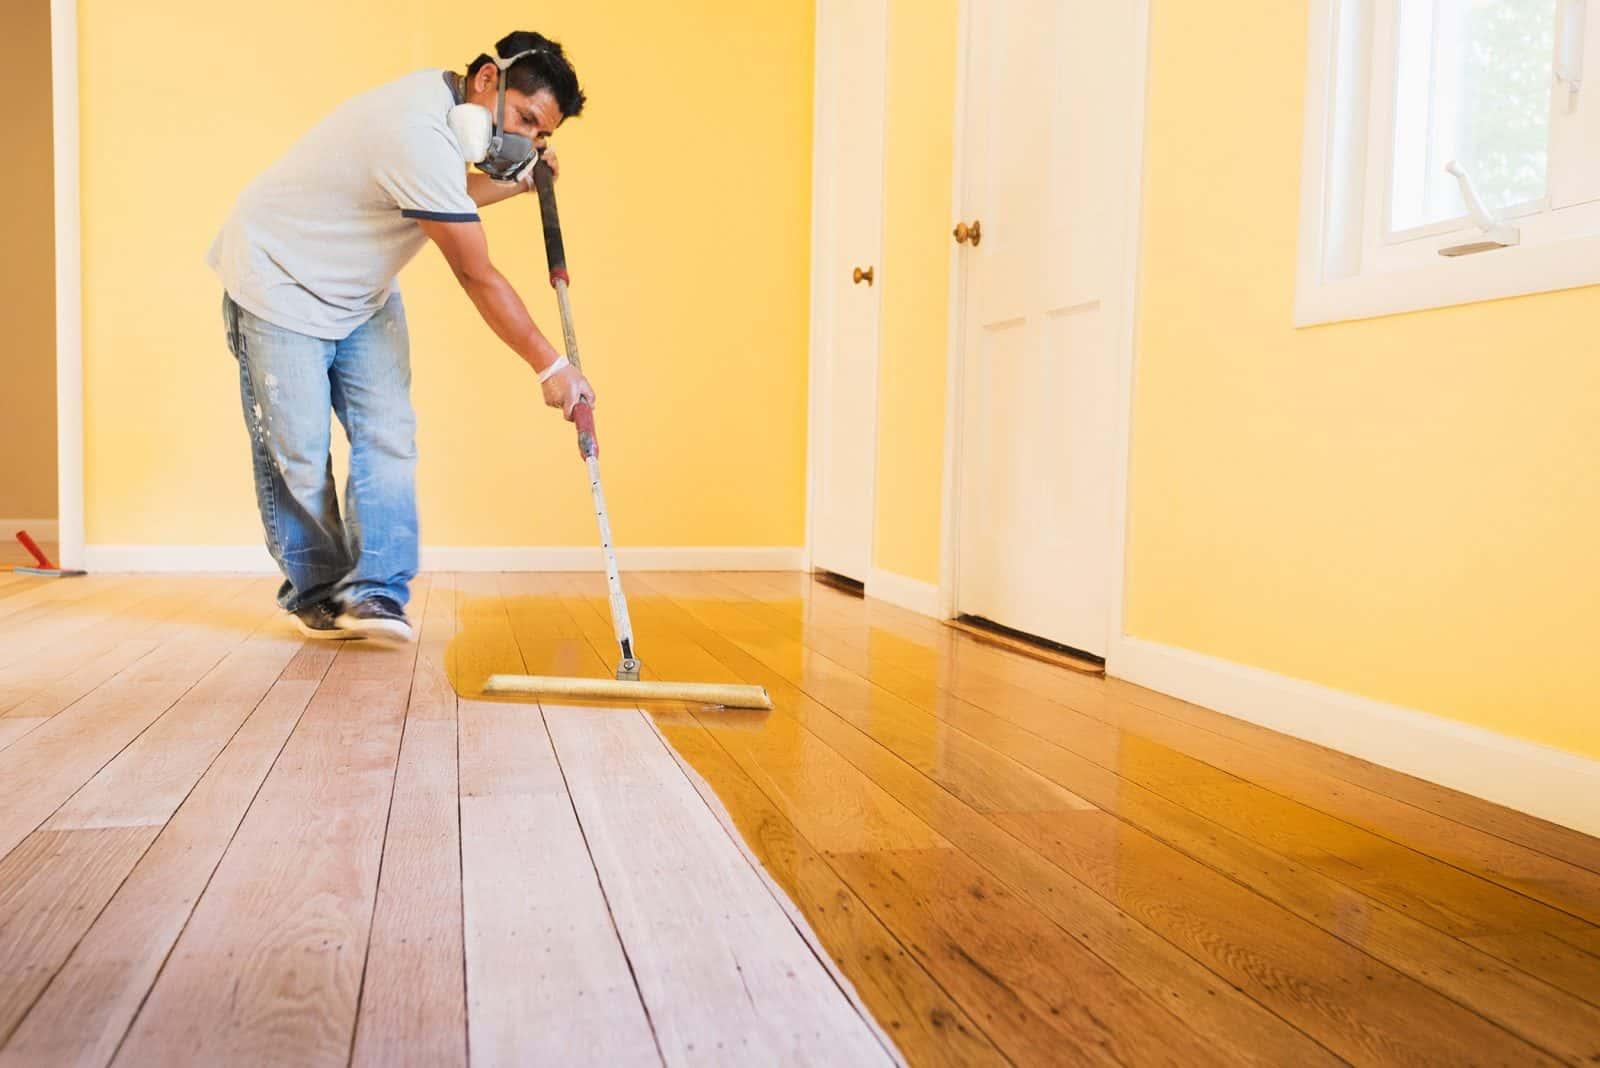 man applying topcoat on hardwood floor